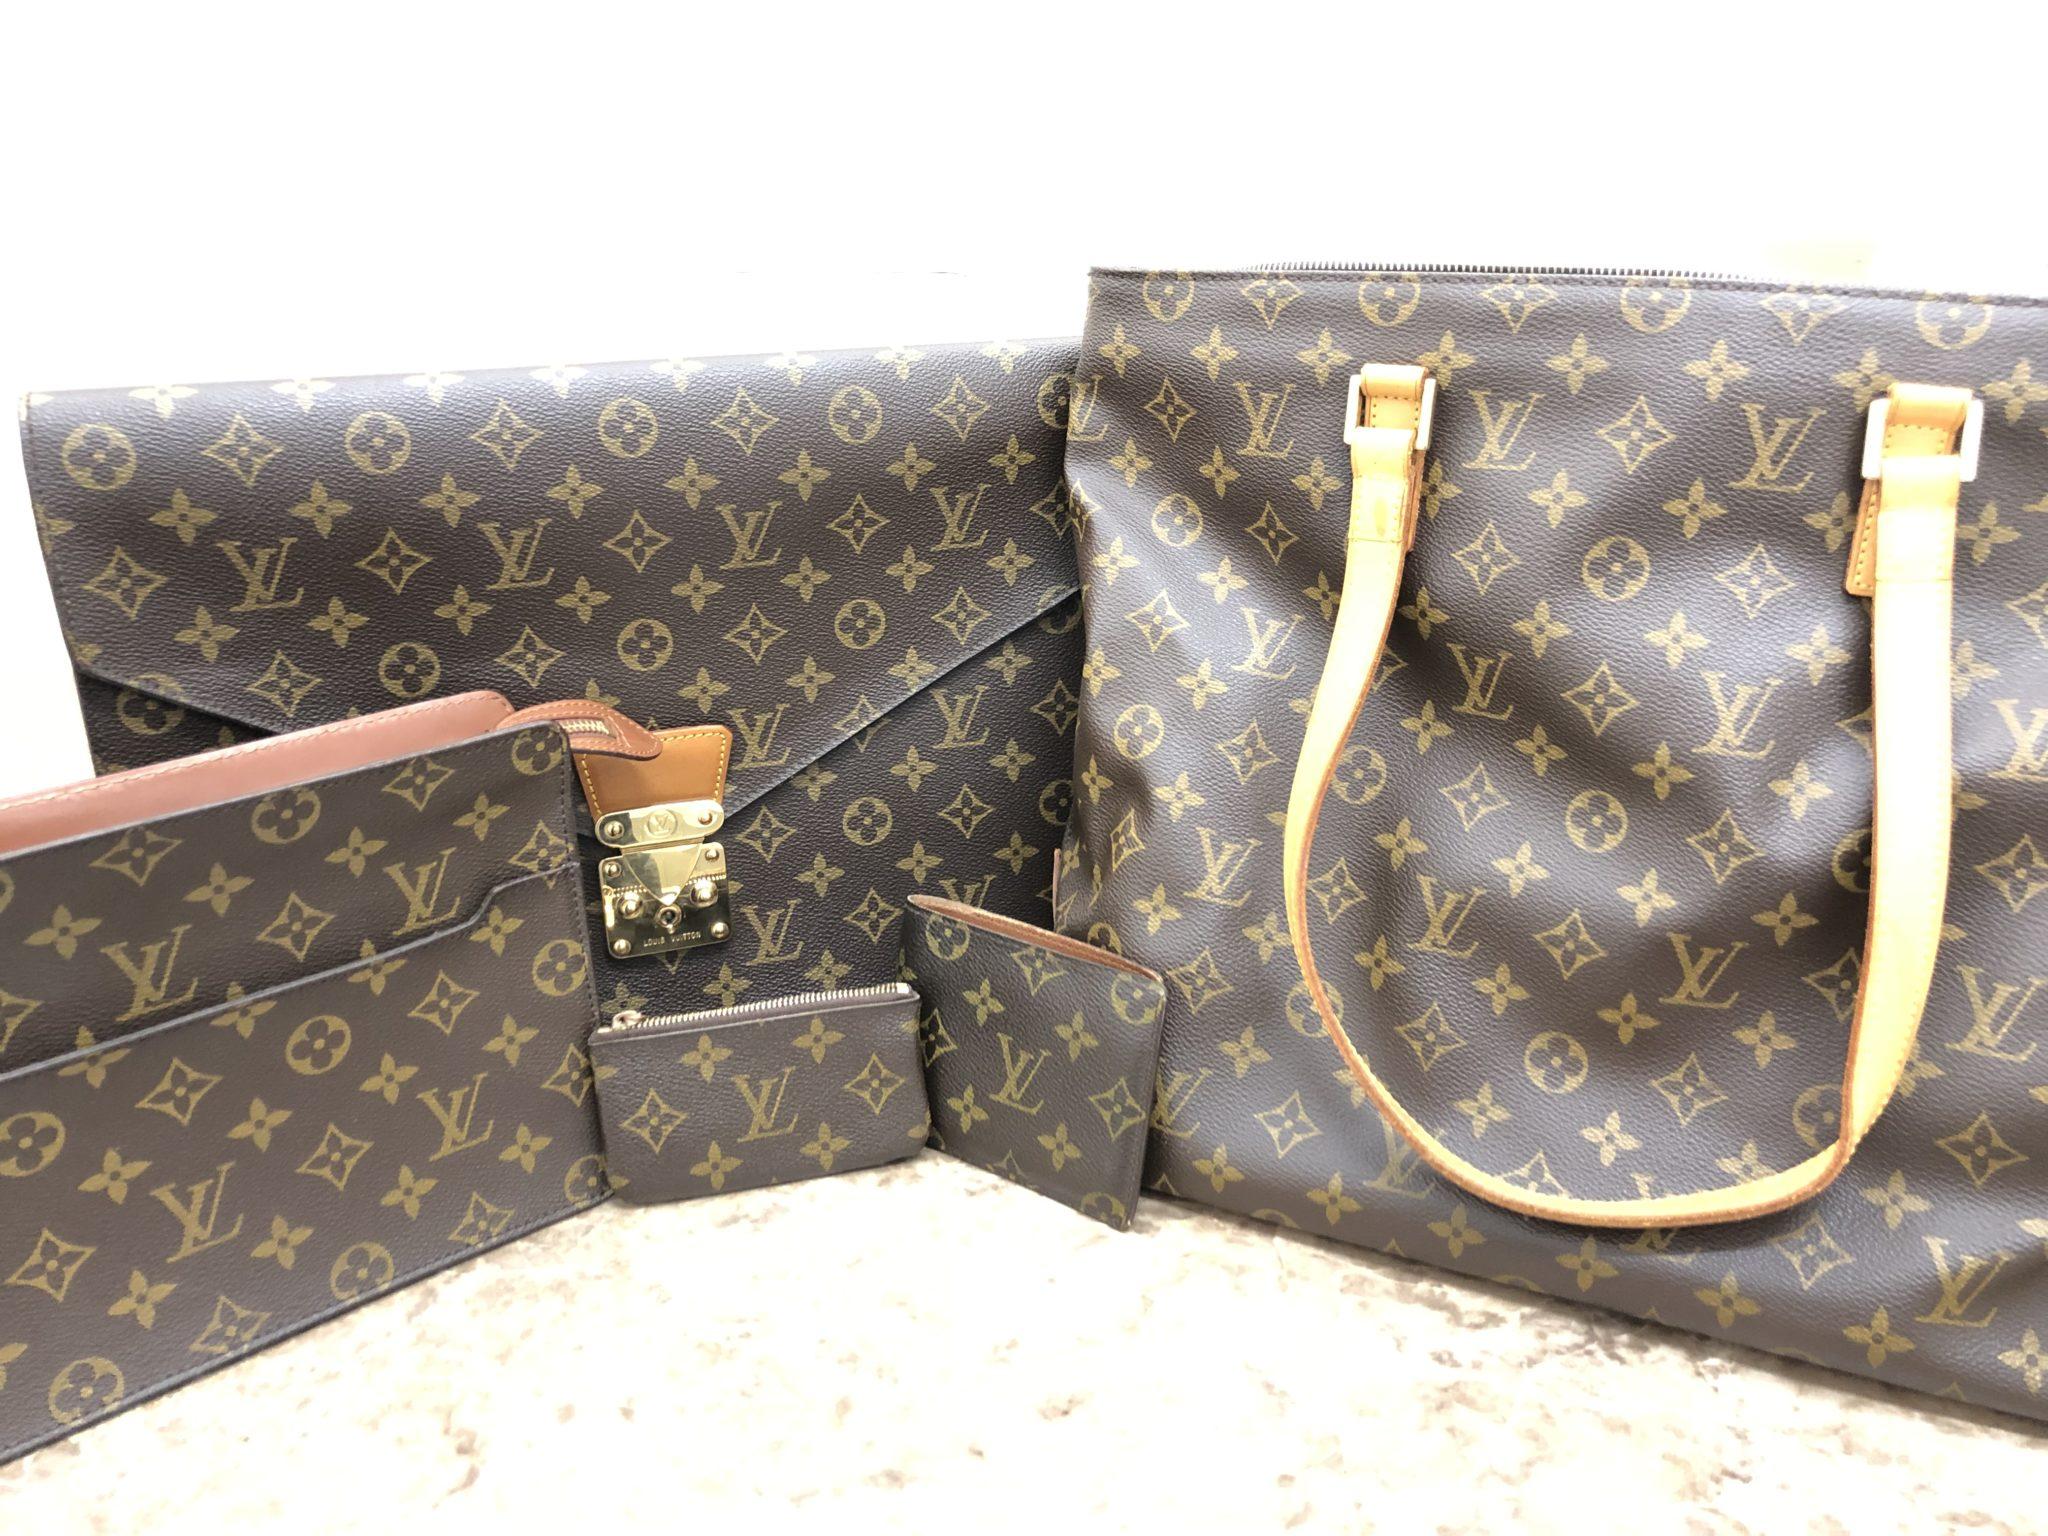 【LOUIS VUITTON ルイヴィトン モノグラム バッグ 財布】を盛岡市の方から買取させていただきました!